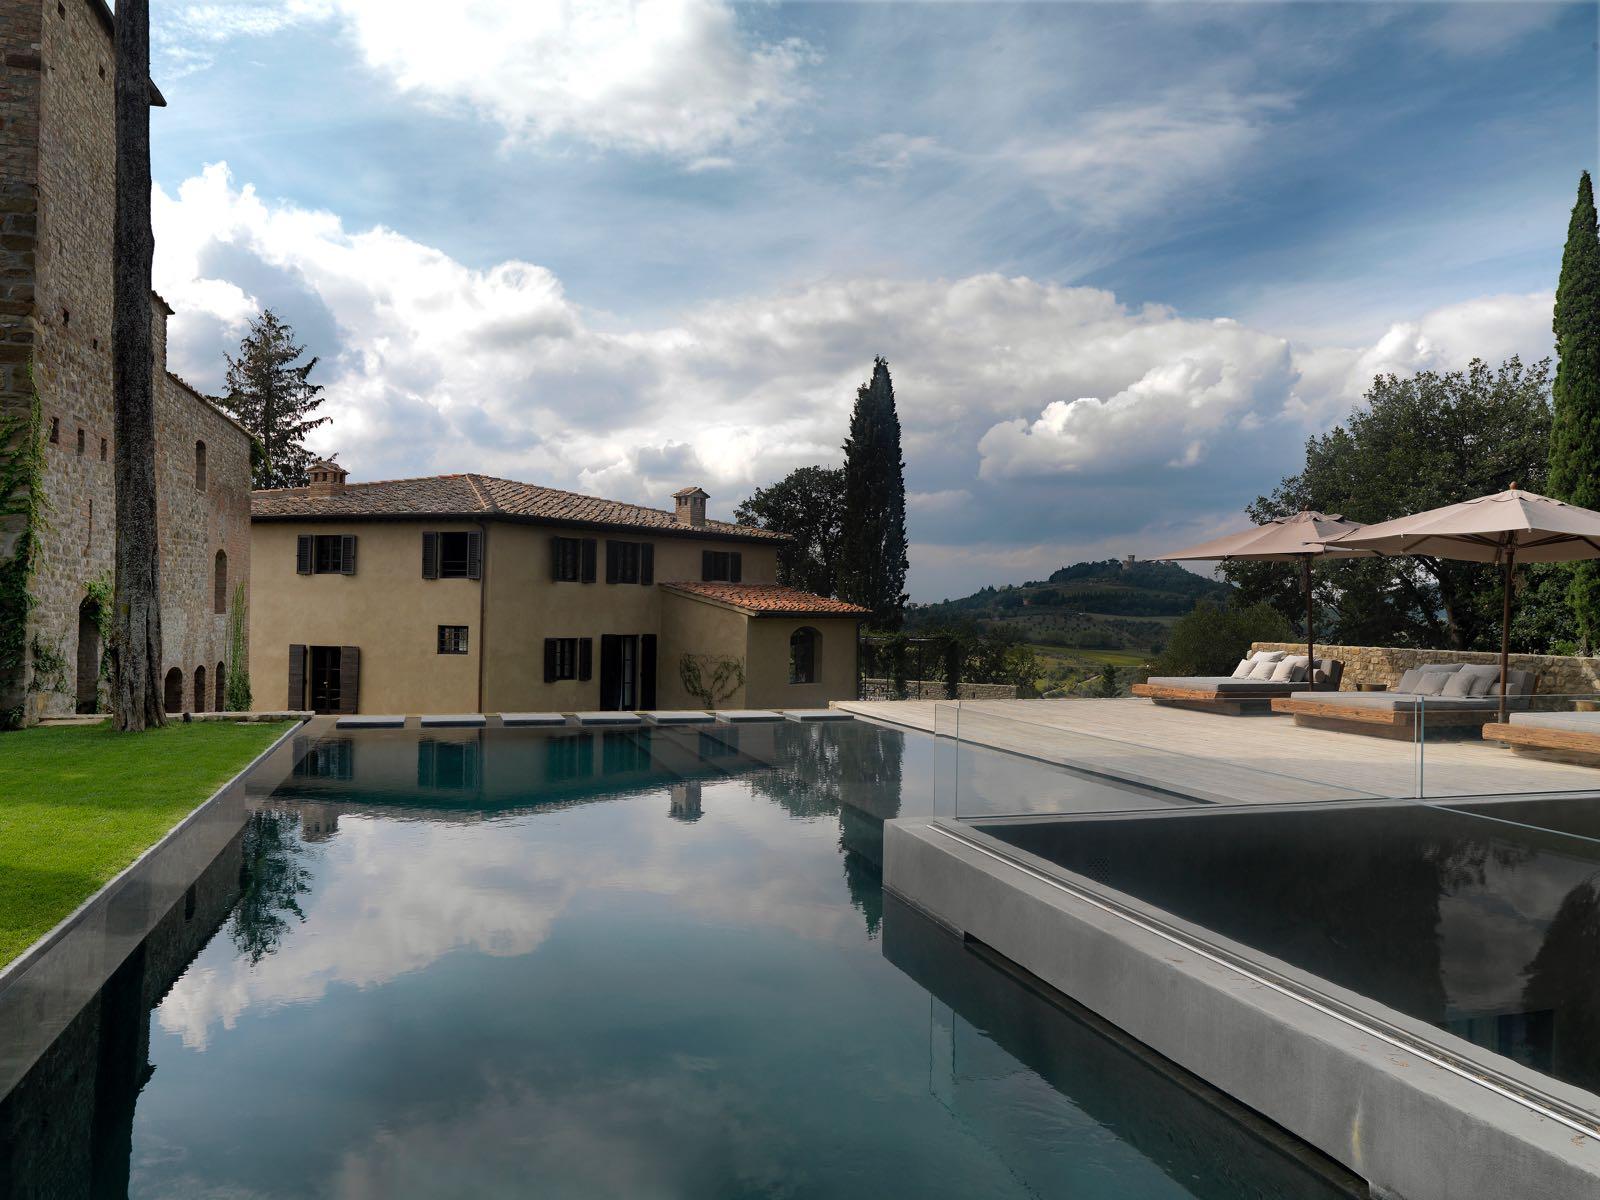 Uma casa na Toscana